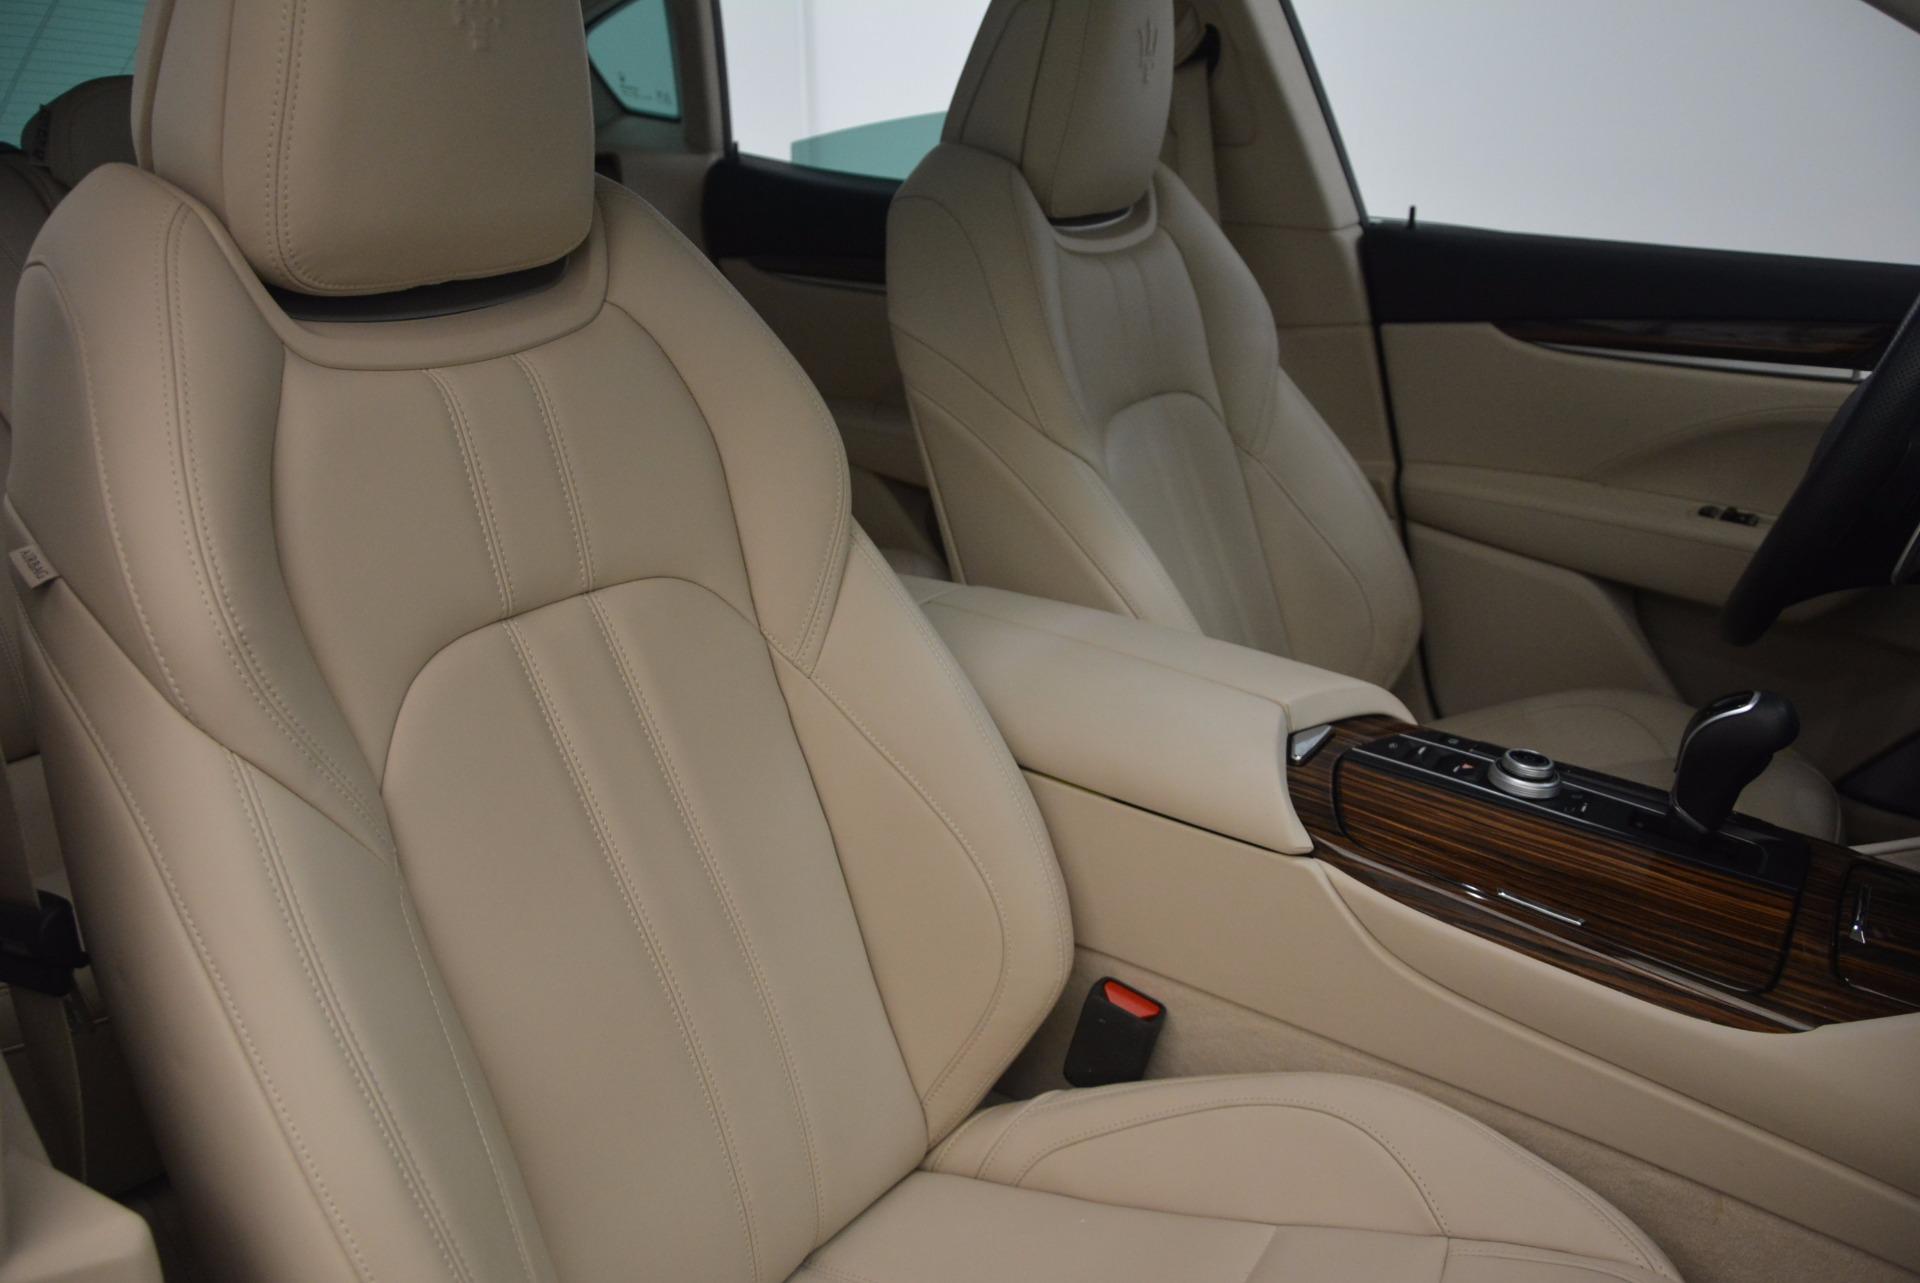 Used 2017 Maserati Levante S For Sale In Greenwich, CT 1463_p21